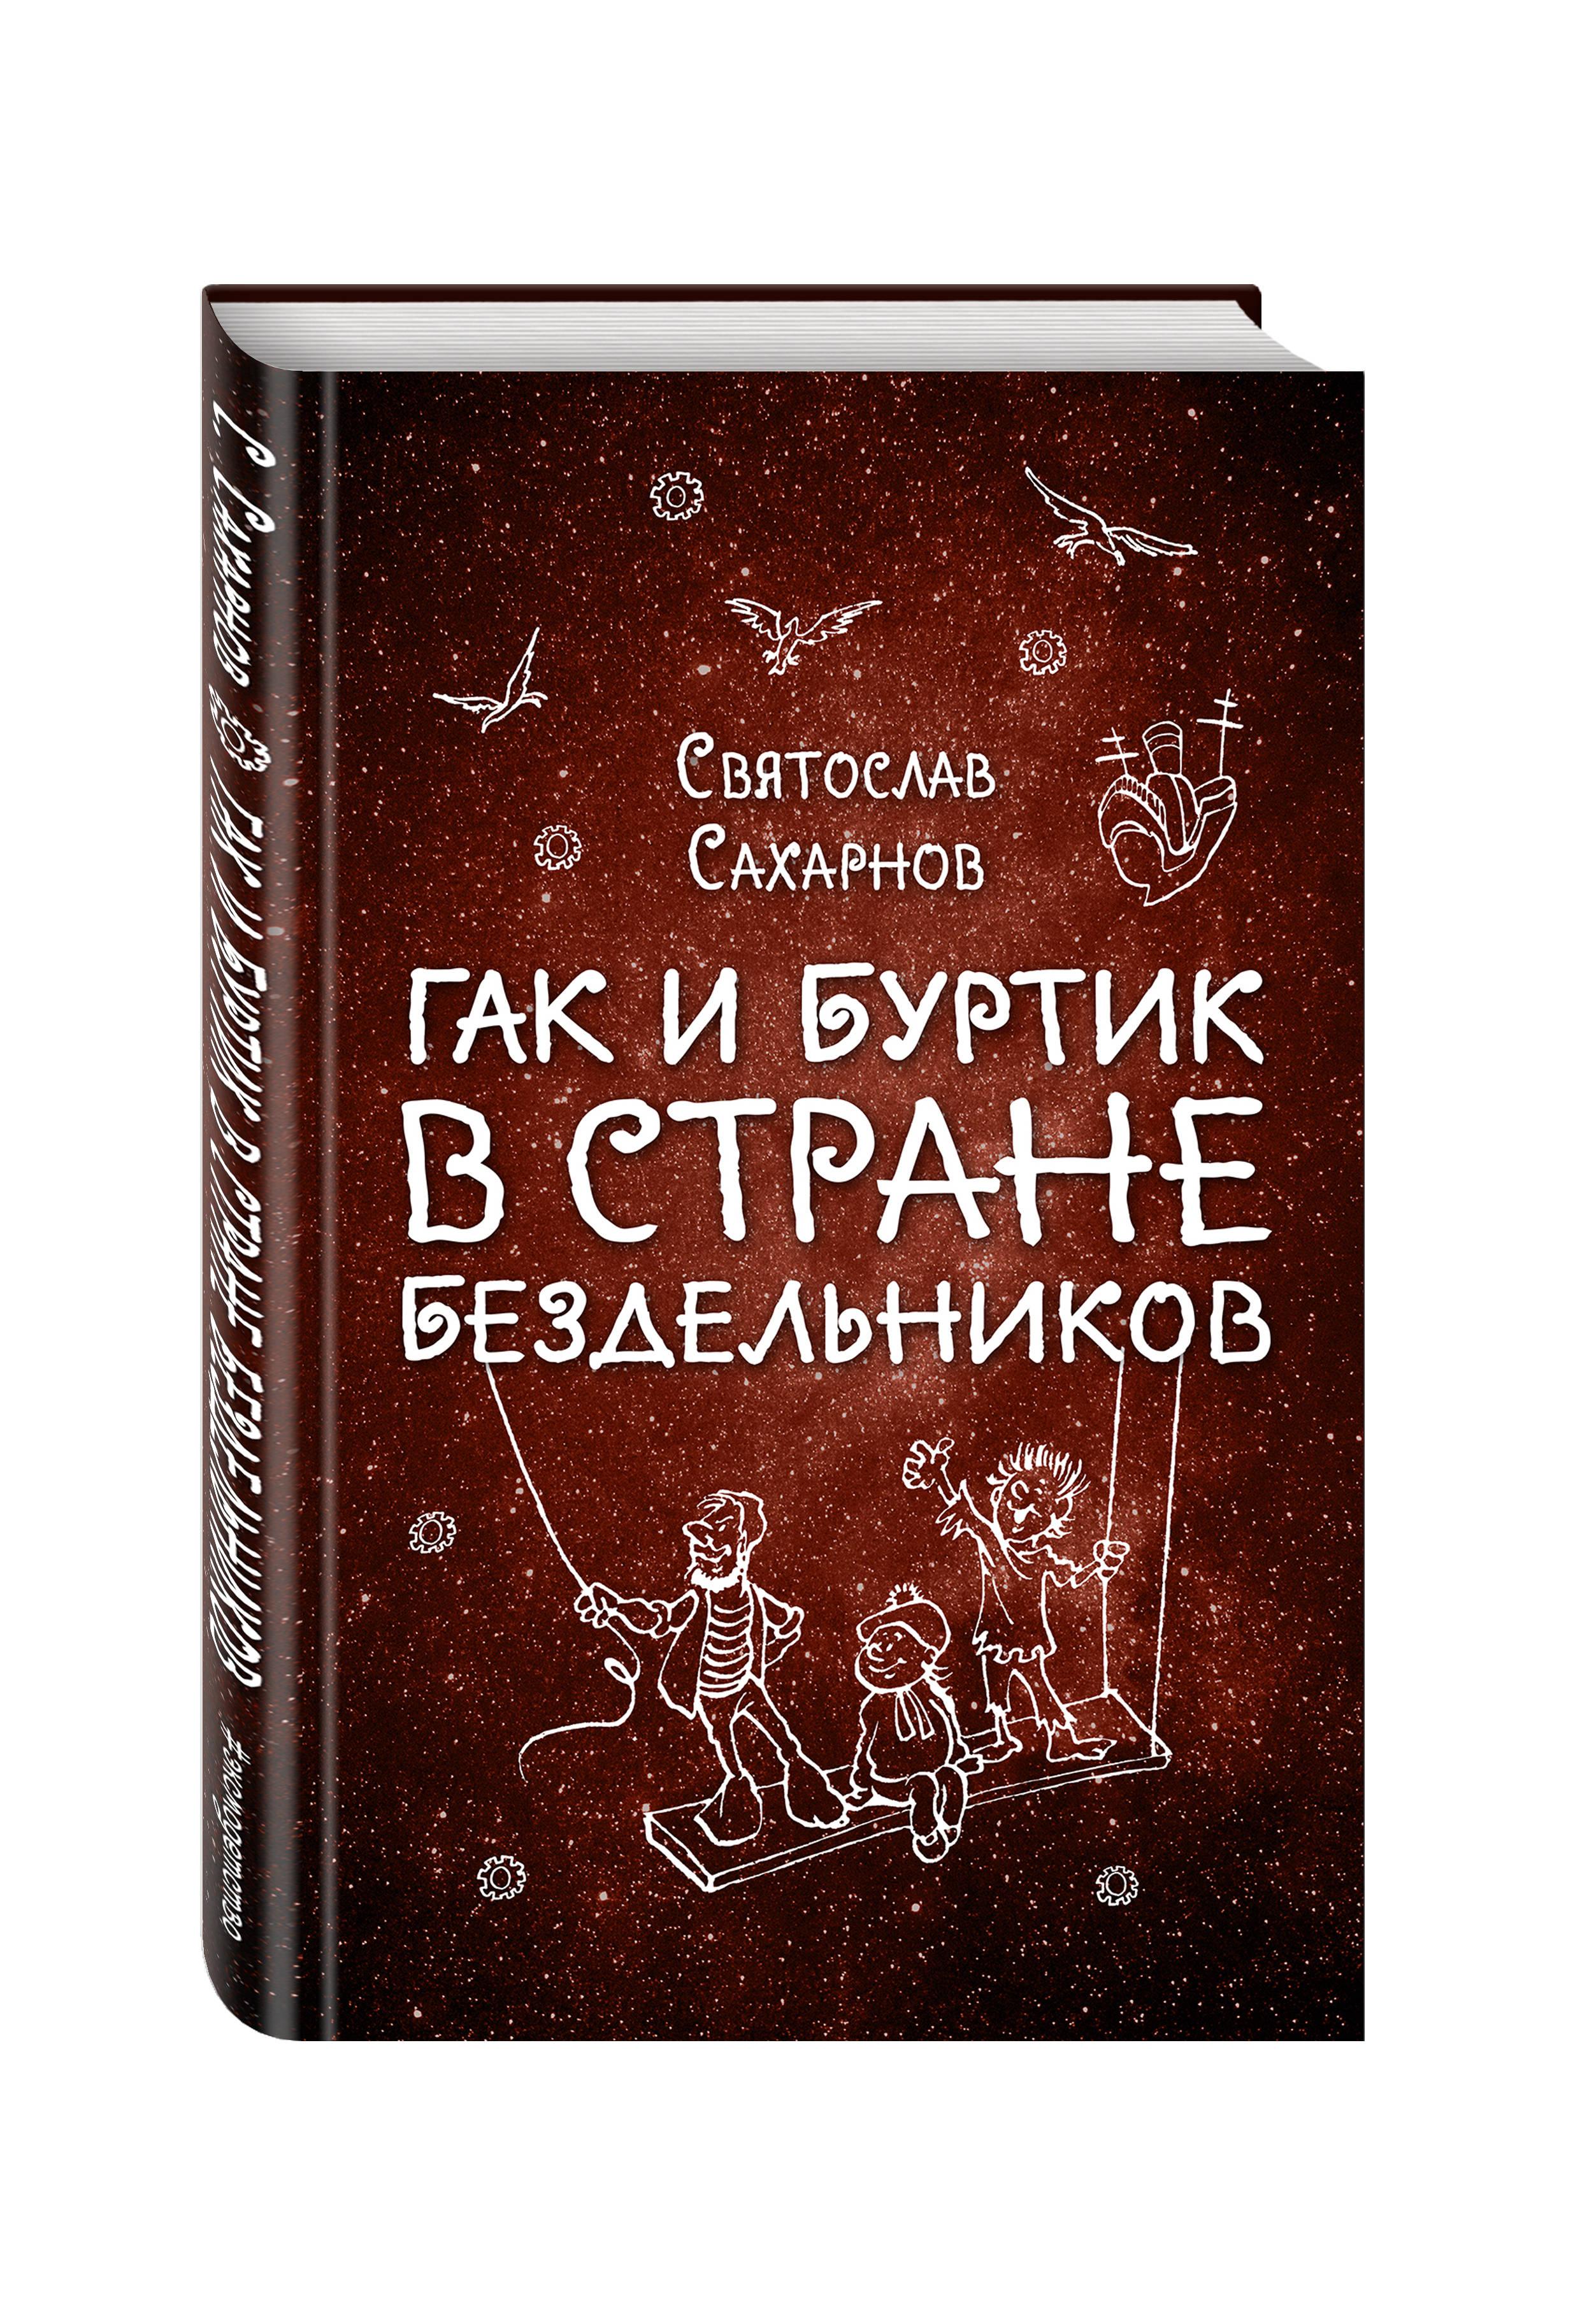 Гак и Буртик в Стране бездельников ( Сахарнов С.В.  )